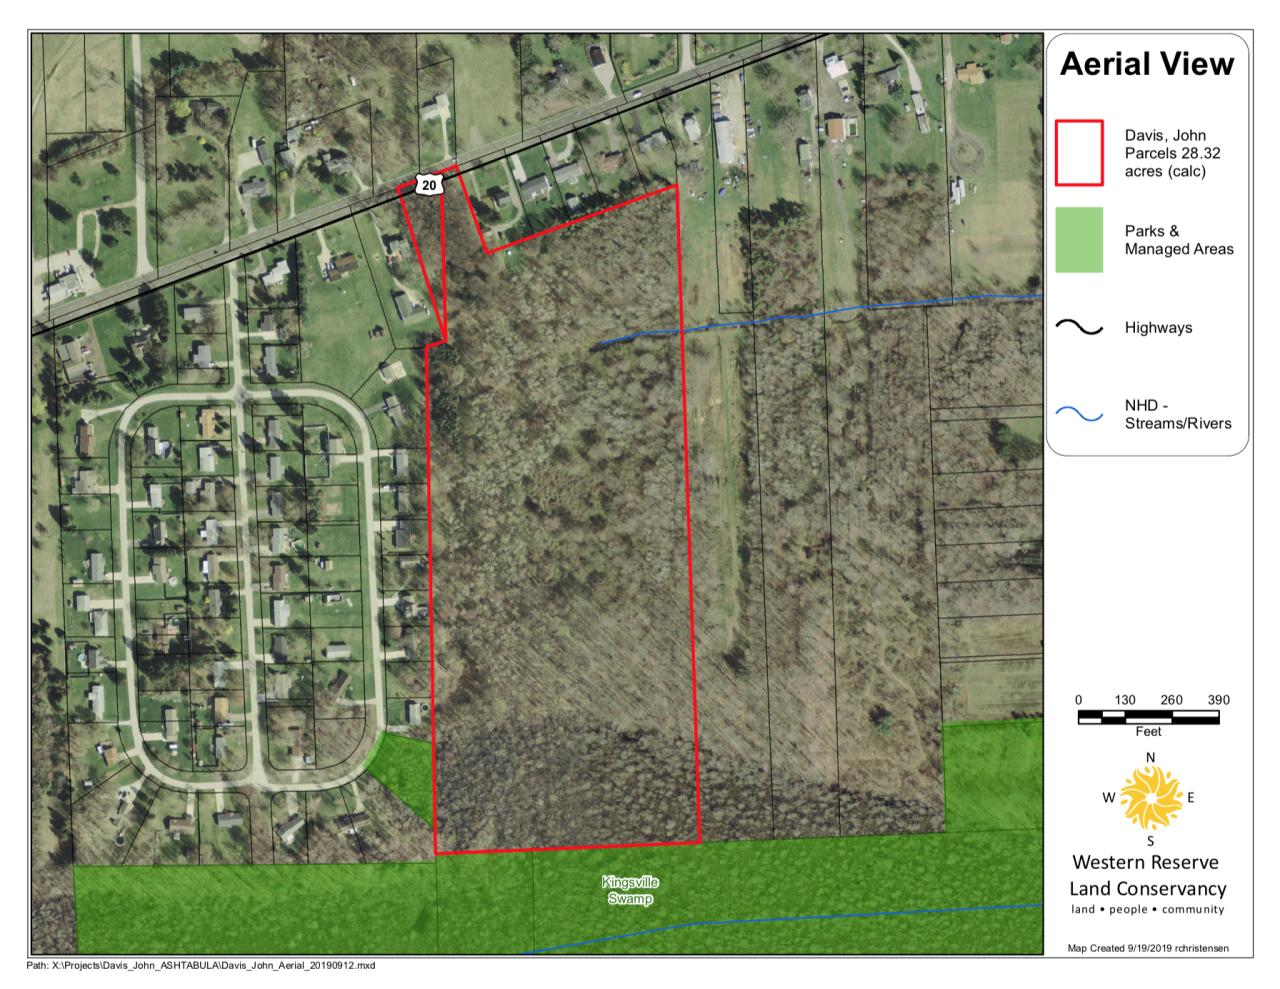 Kingsville Swamp extension